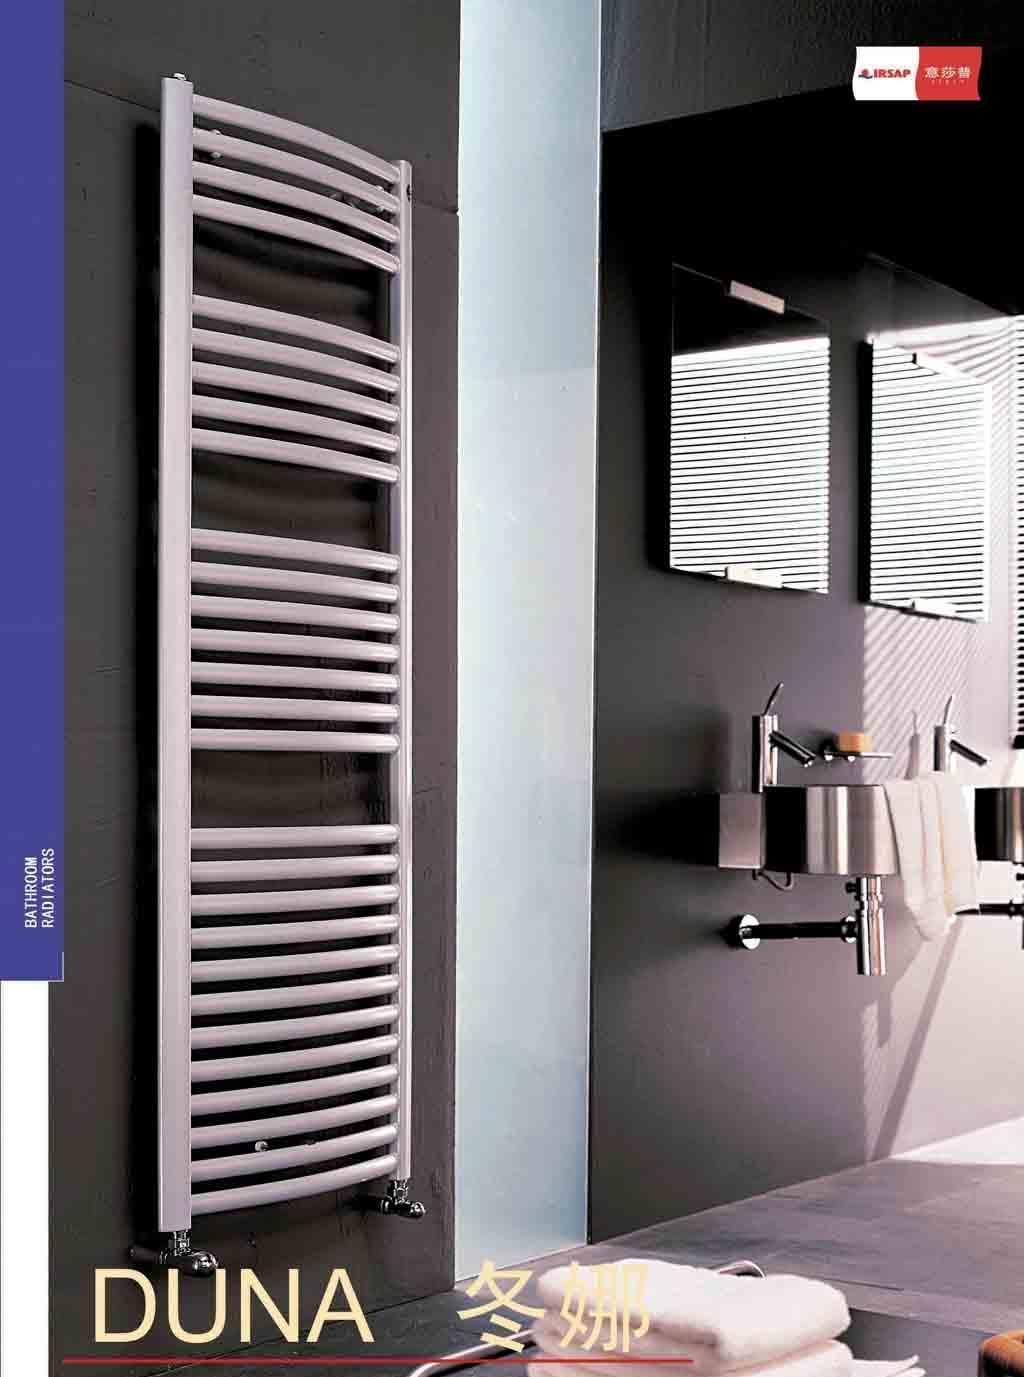 意莎普卫浴系列散热器冬娜.DN518DN518